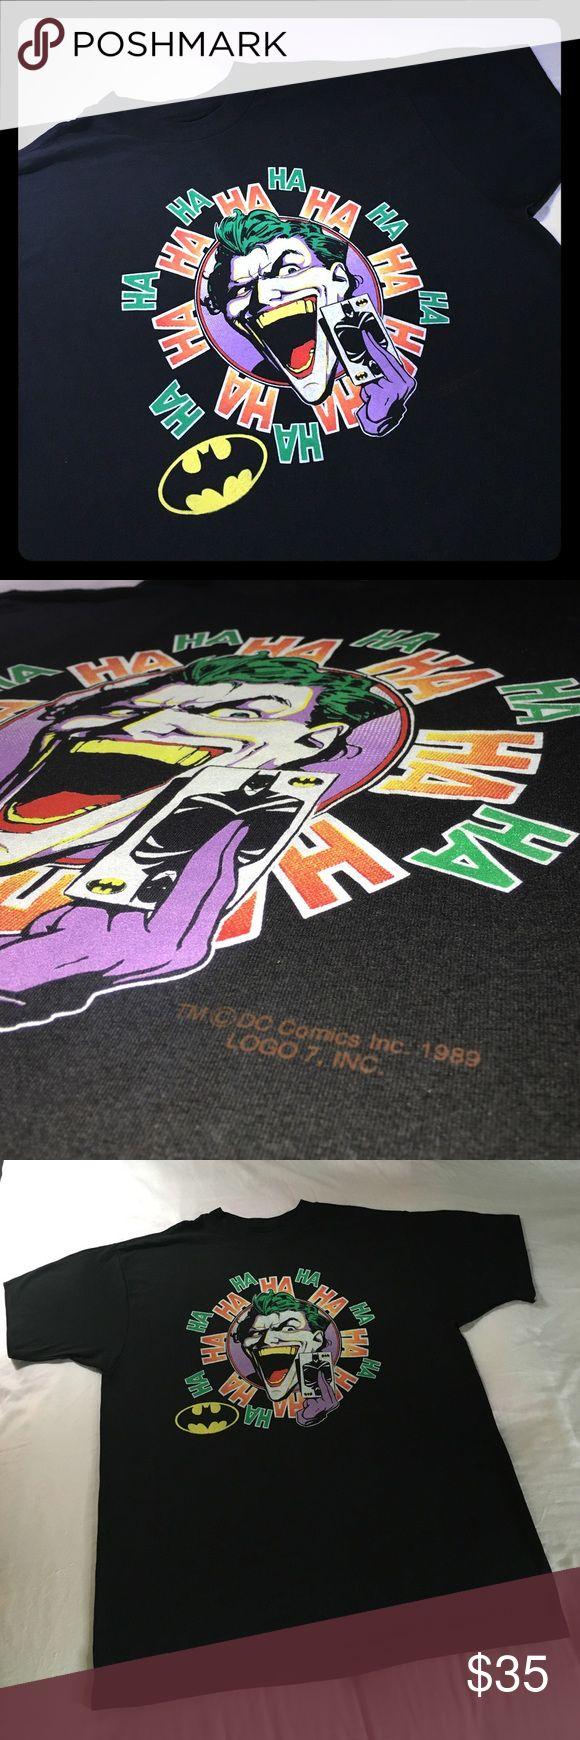 T shirt design on queen city - Stellar 1989 Batman Joker T Shirt A Condition